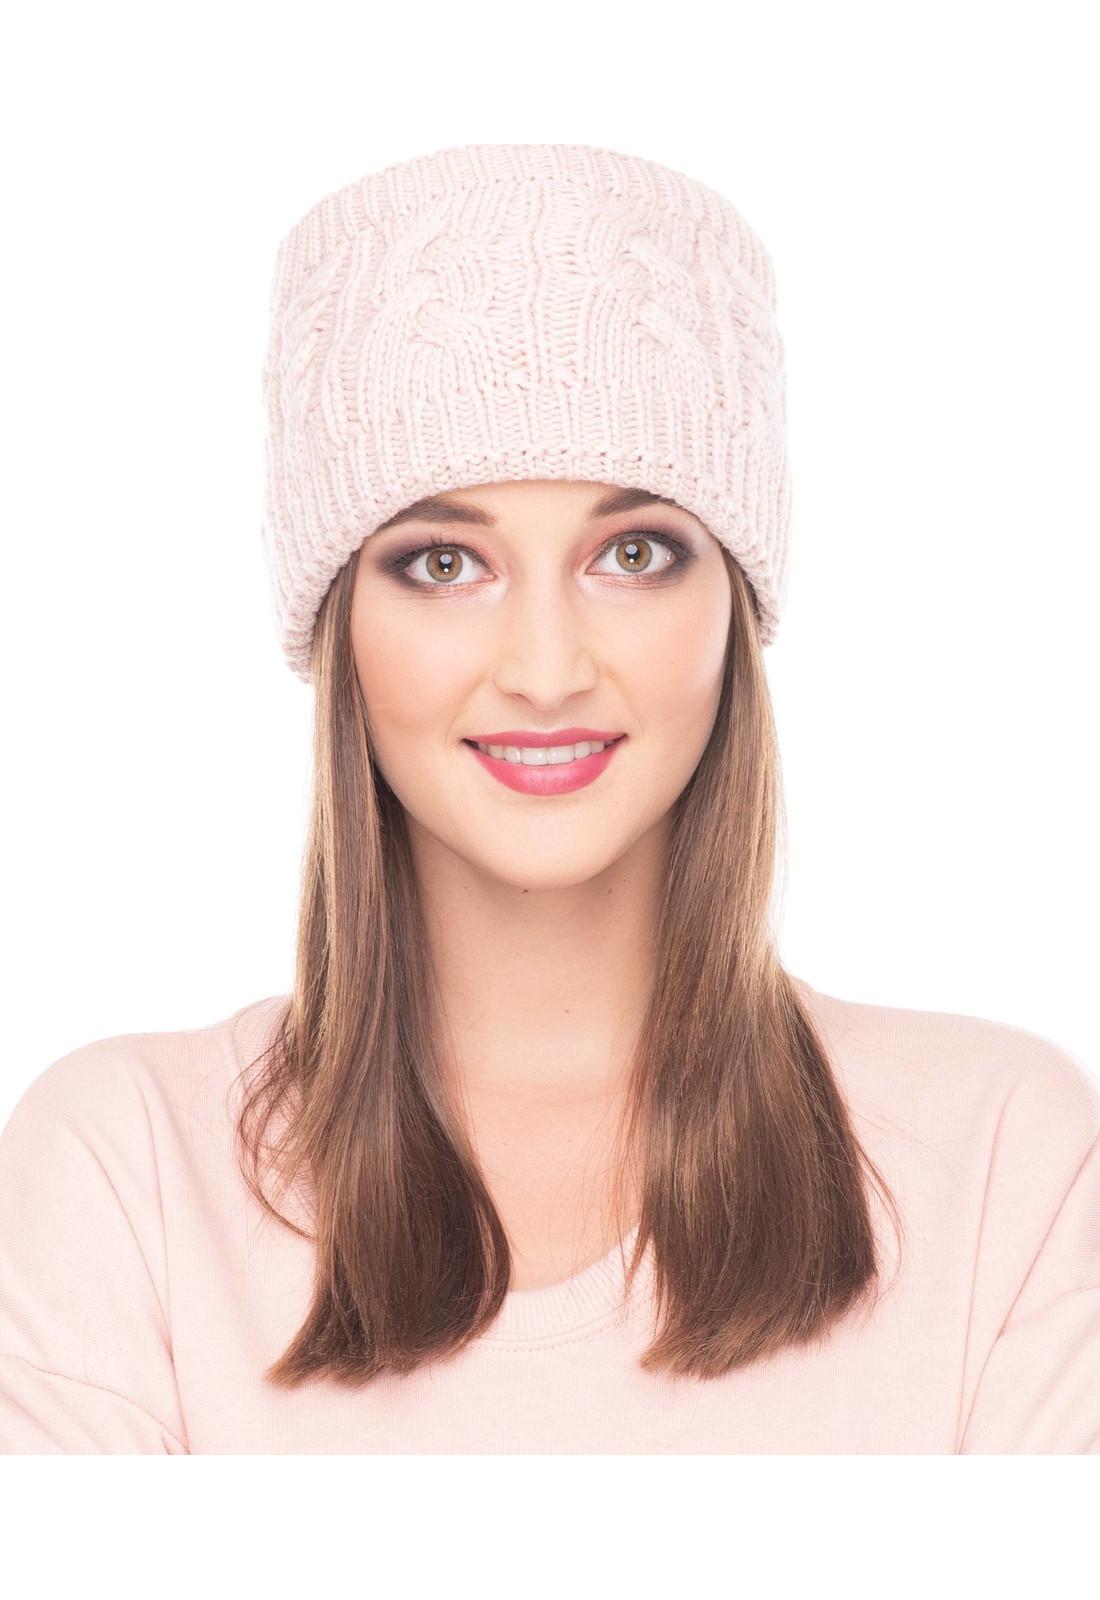 7009e5991f9903 Stirnband Strickmuster - Damen Bekleidung Weihnachtspullover Turnbeut